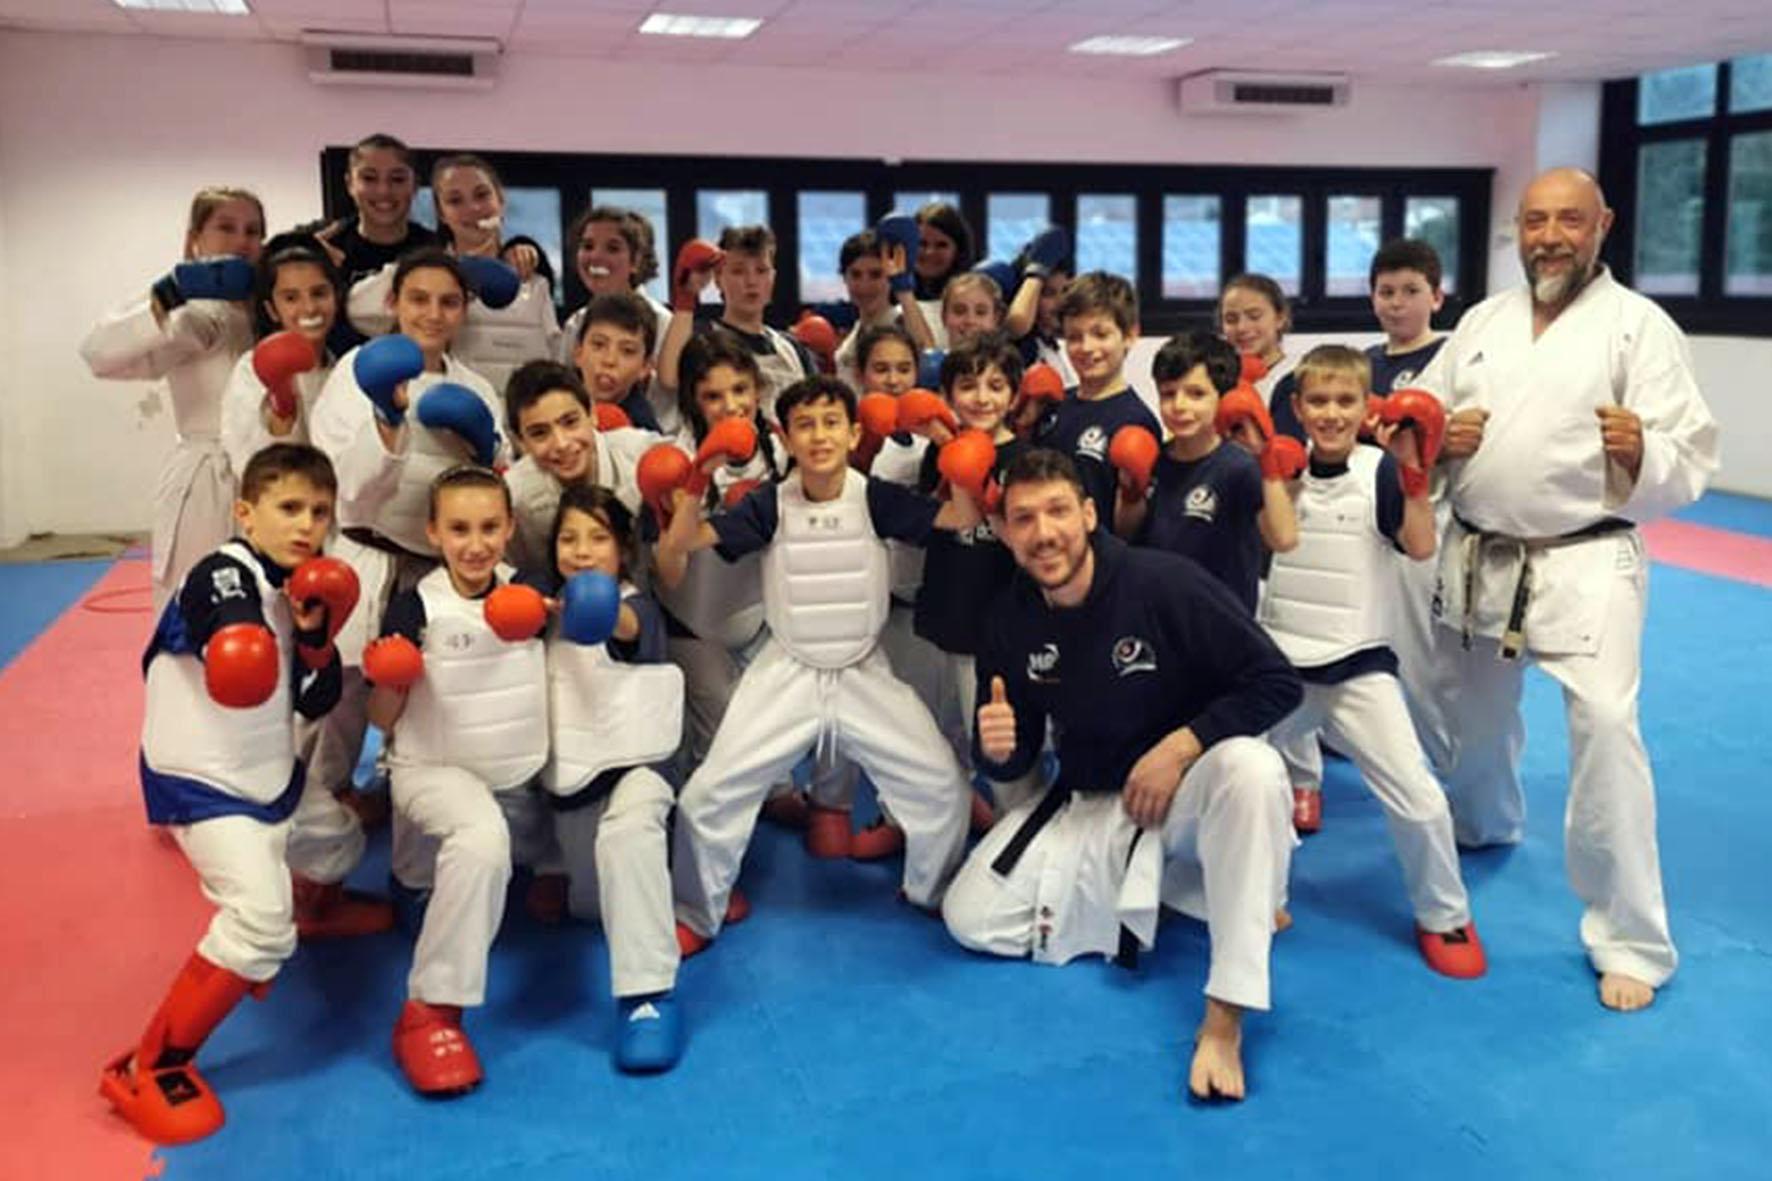 Accademia Karate Casentino - Settore giovanile (1) (002)